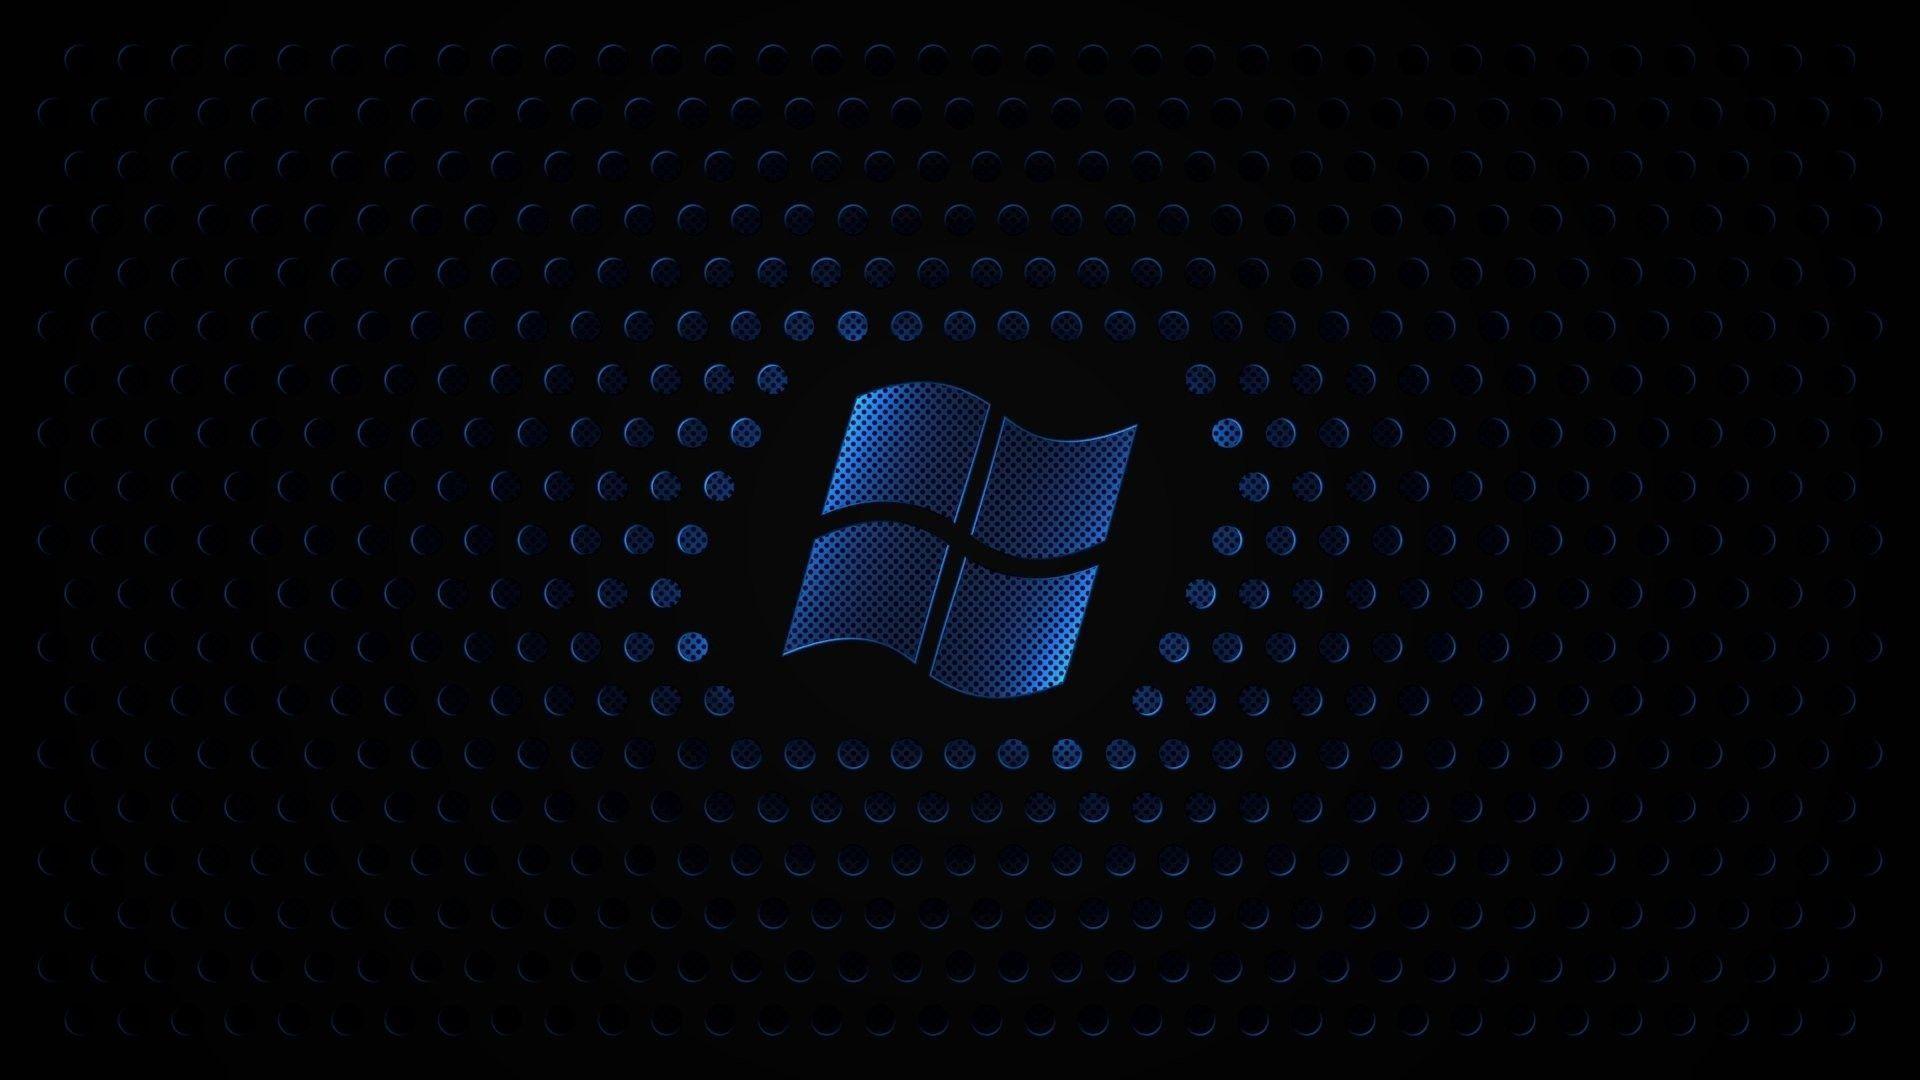 windows xp hd wallpapers free wallpaper downloads windows xp hd 1600a—1200 xp